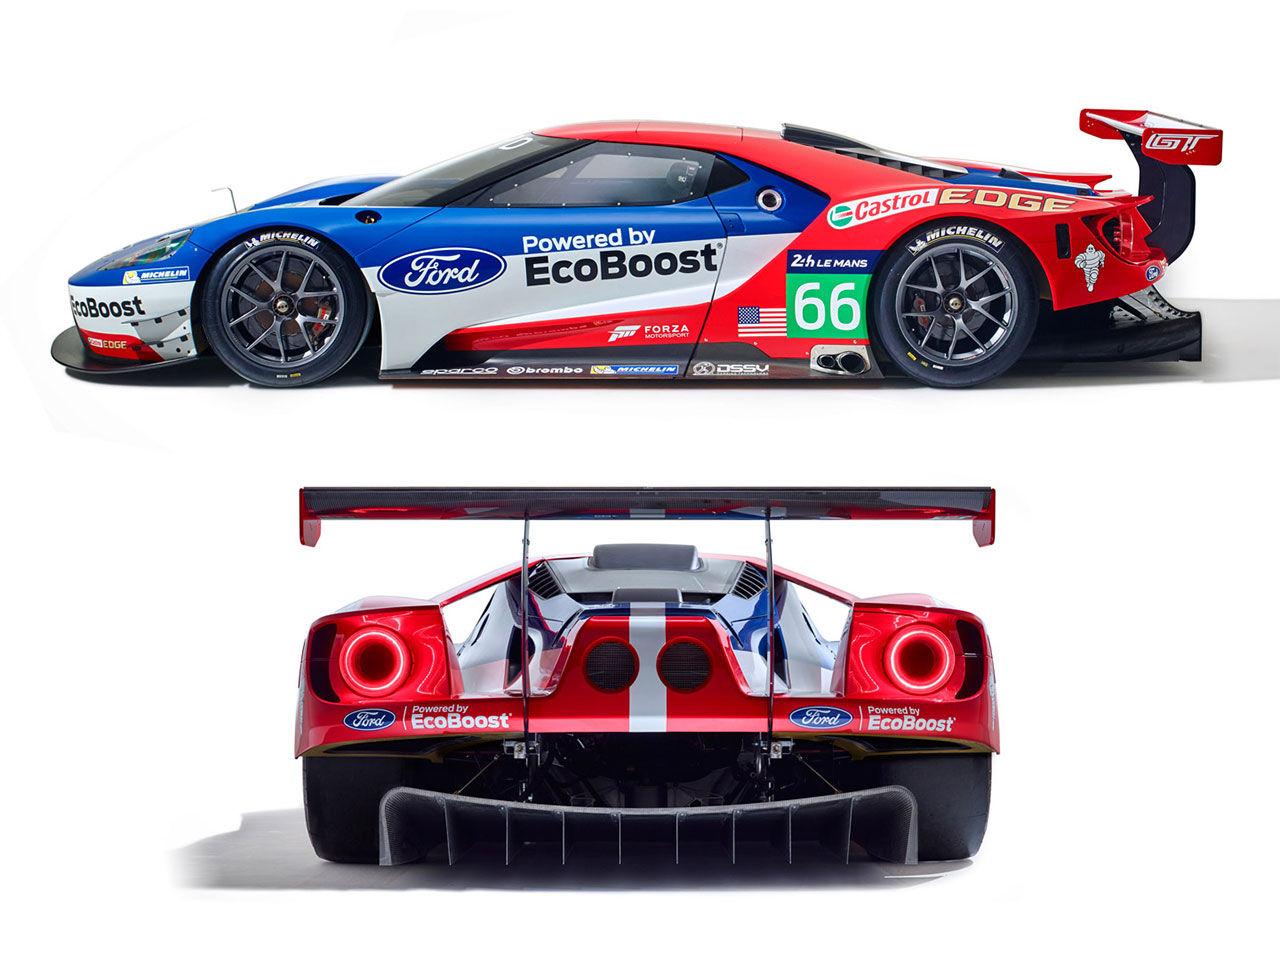 Ford återvänder till Le Mans med sin GT